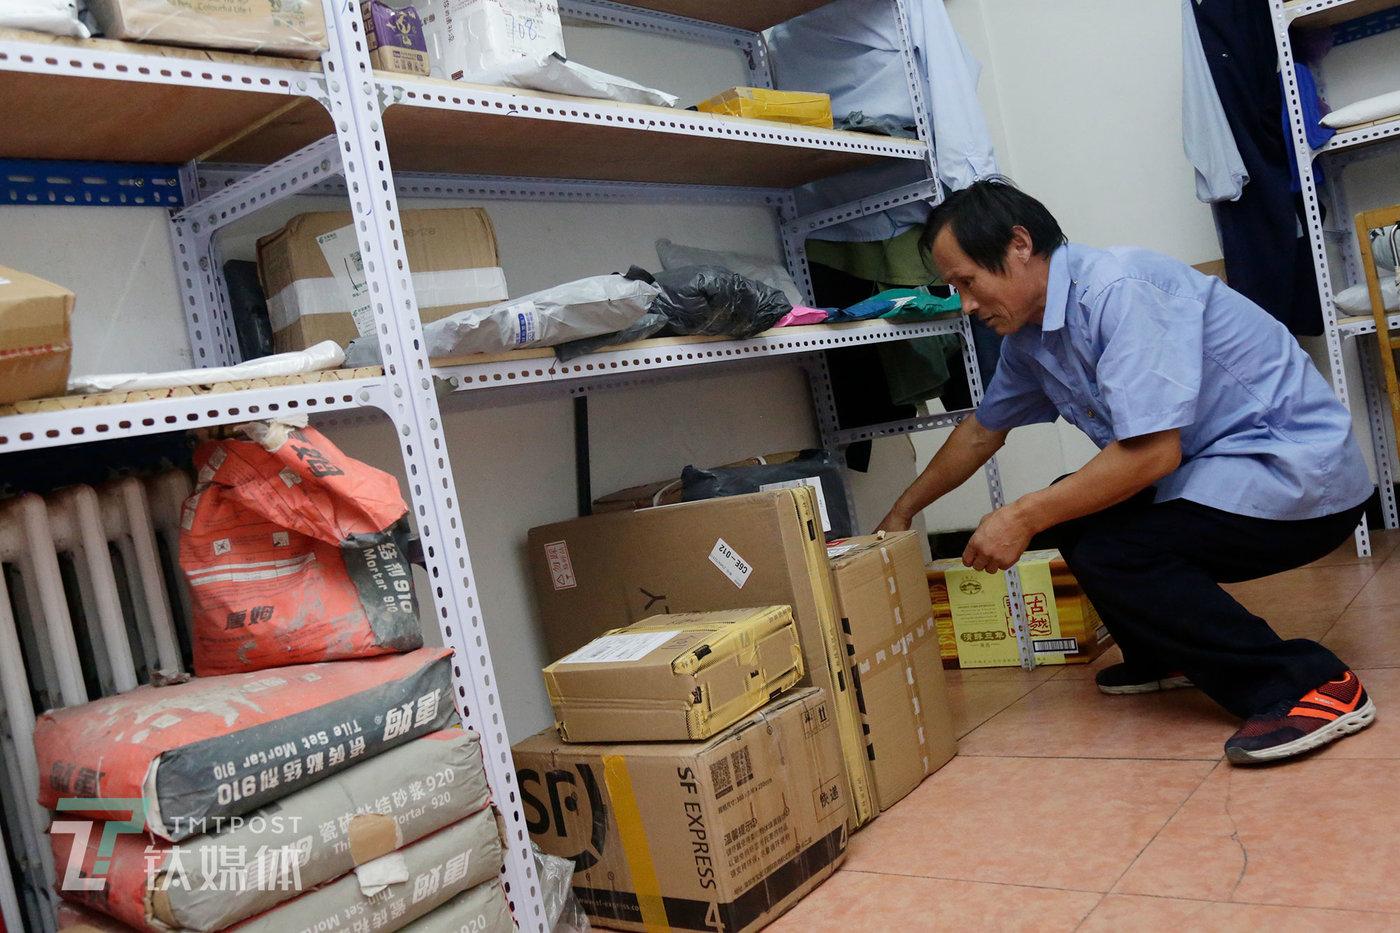 2019年9月7日,彭城父亲在自己值班的门卫室为业主取快递。